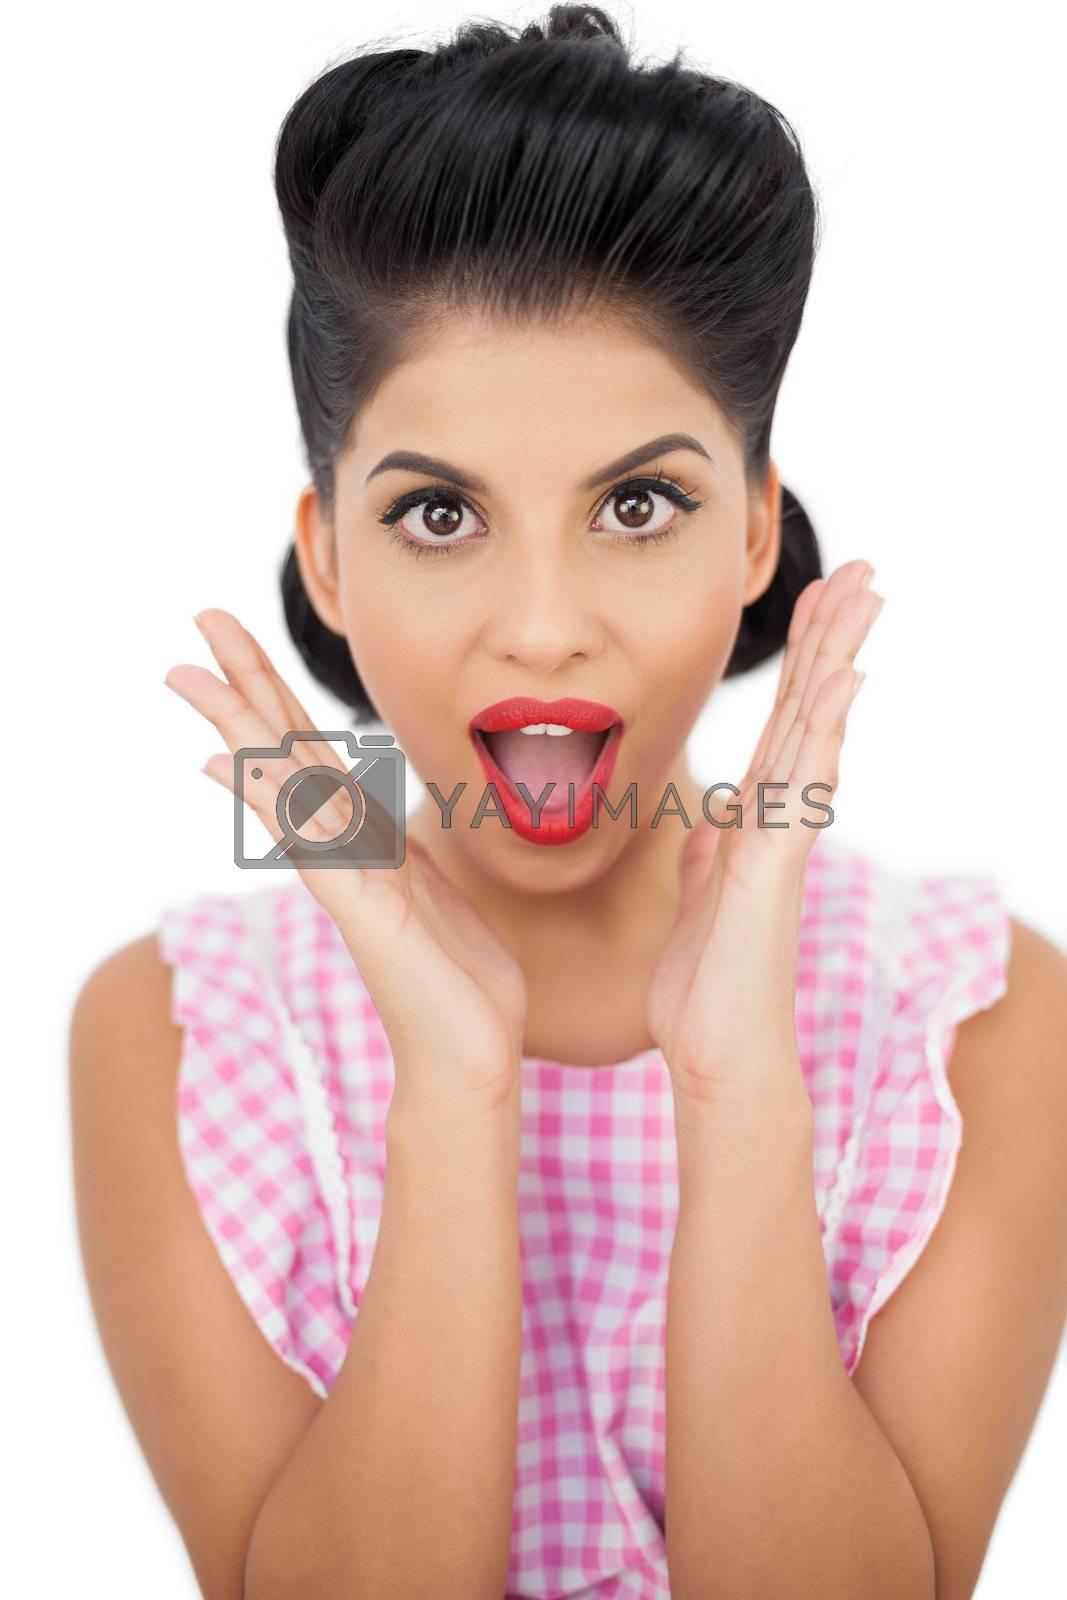 Shocked black hair model looking at camera by Wavebreakmedia